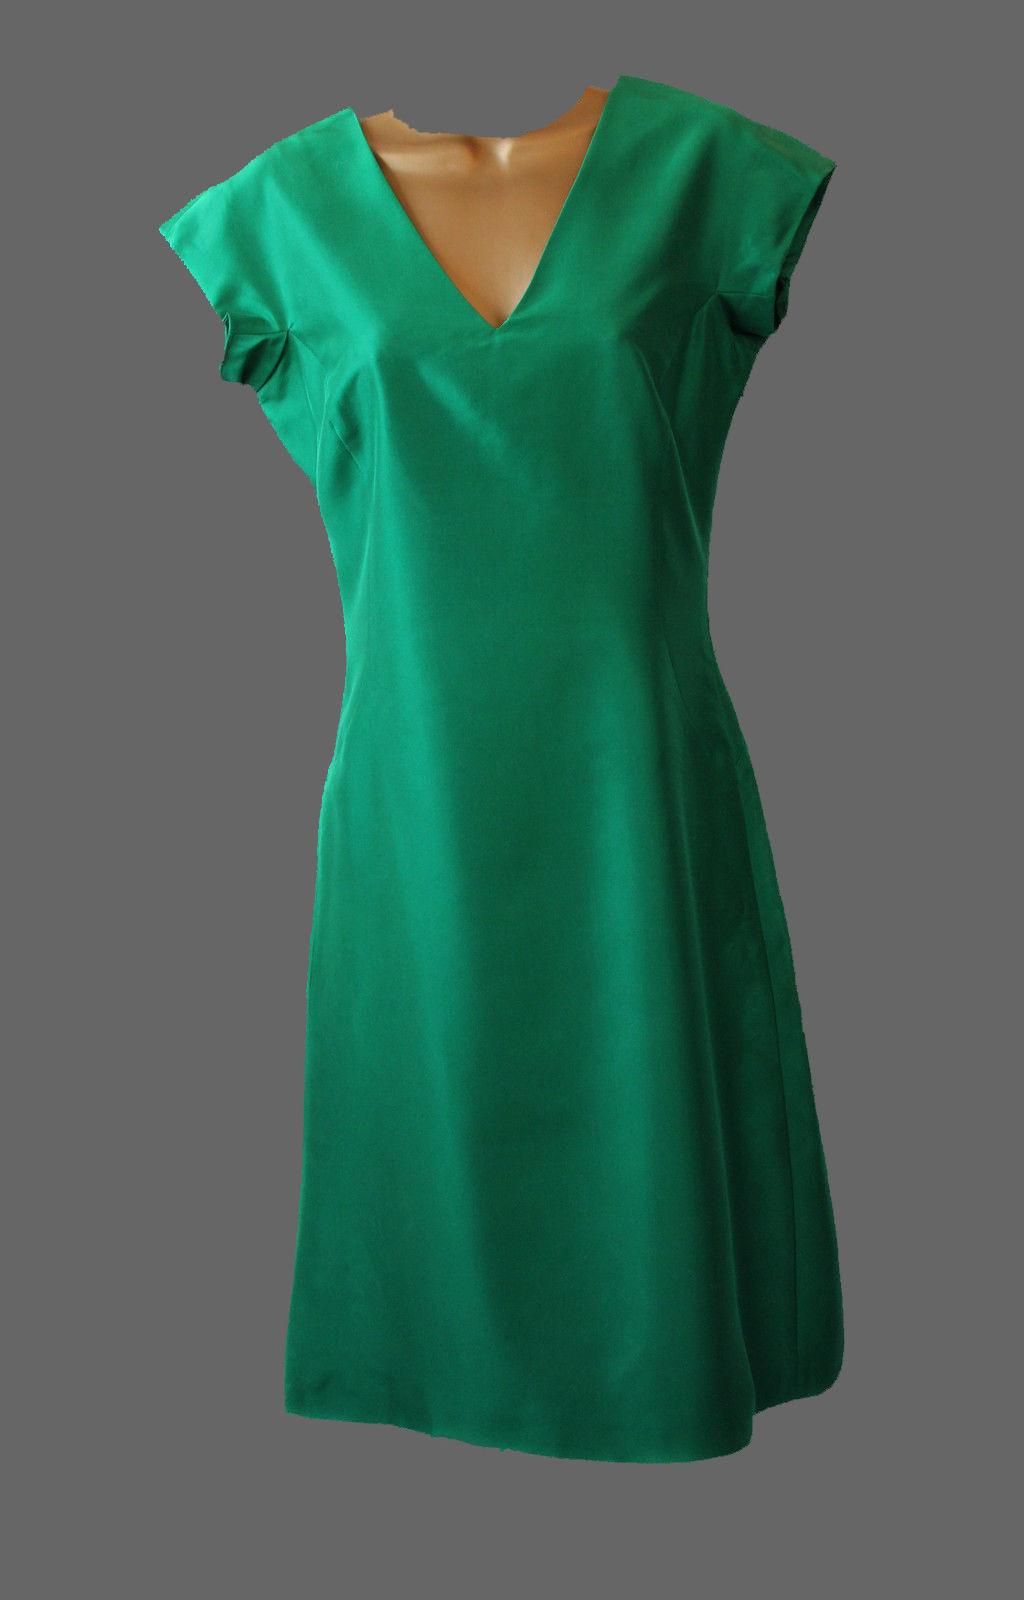 Formal Genial Kleid Für Abend Vertrieb20 Perfekt Kleid Für Abend Galerie